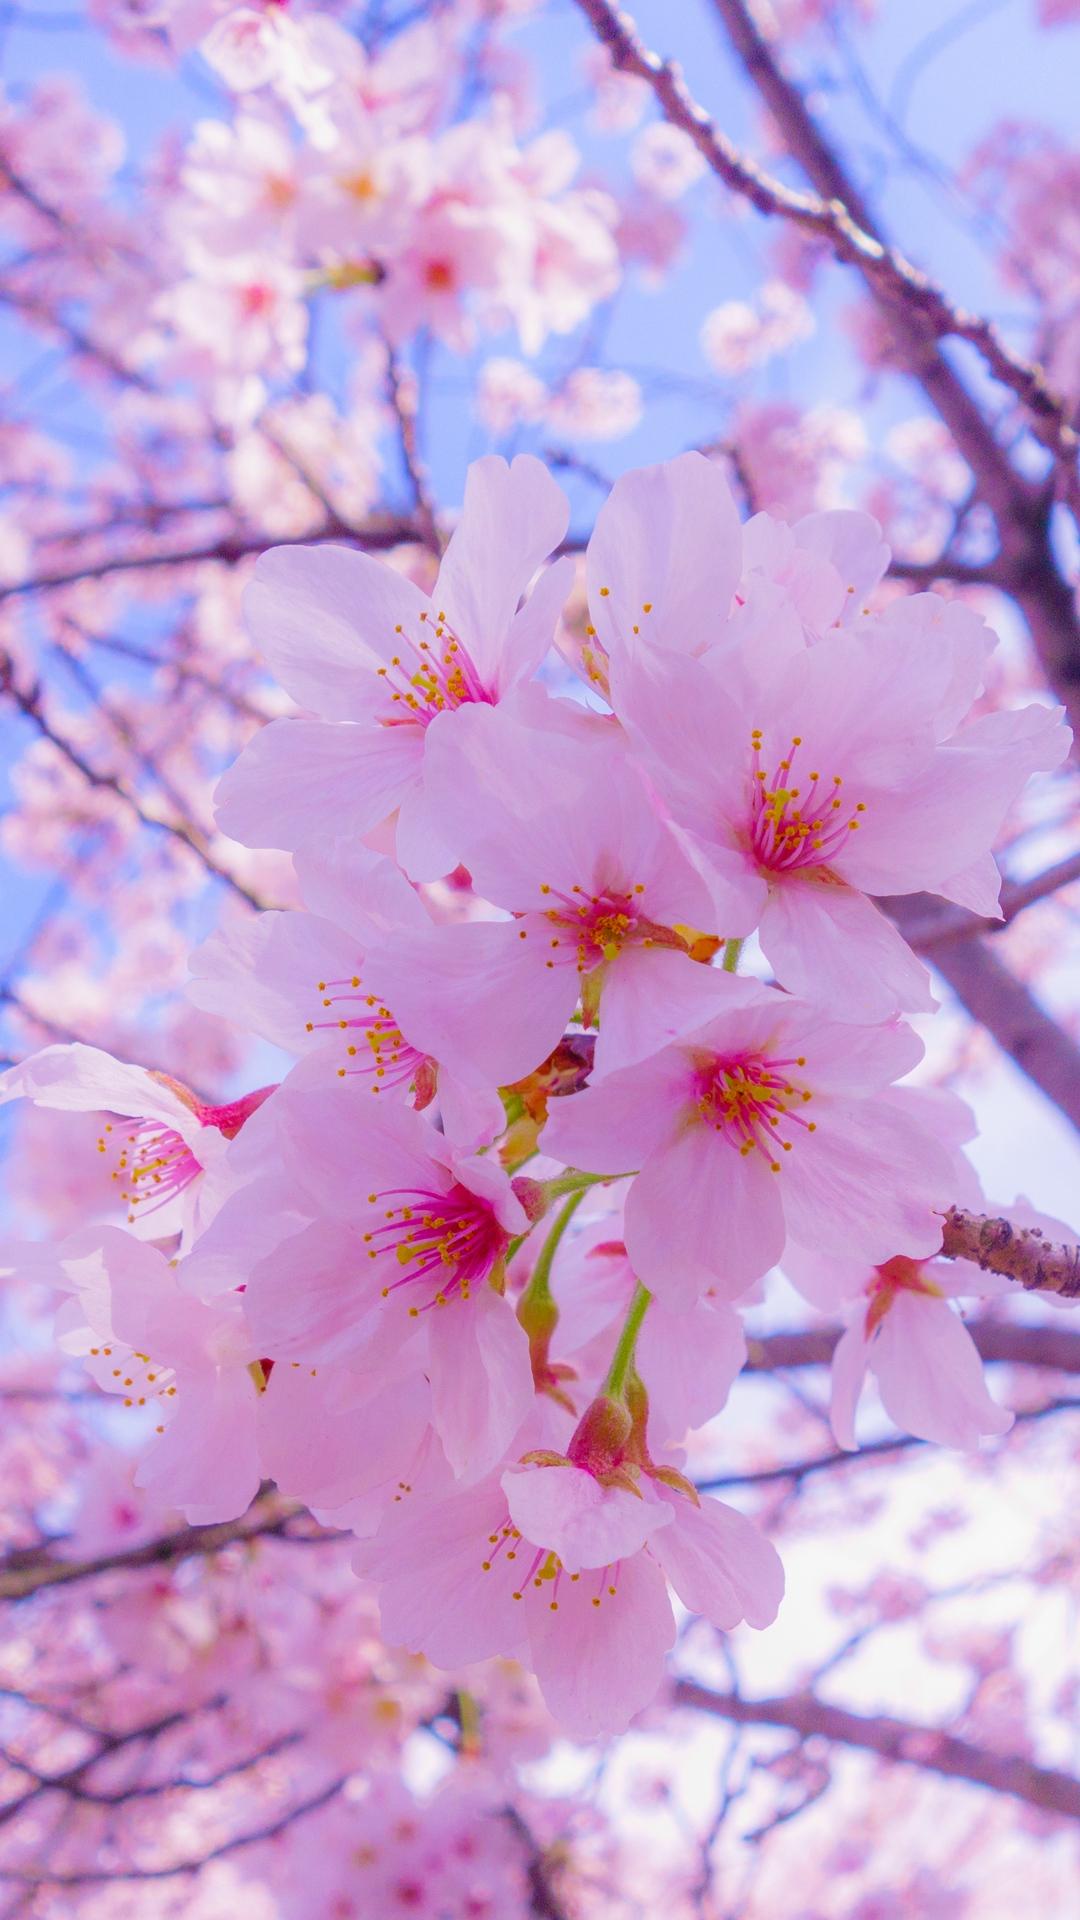 桜の花の壁紙のhd 花の壁紙のhd 938x1668 Wallpapertip